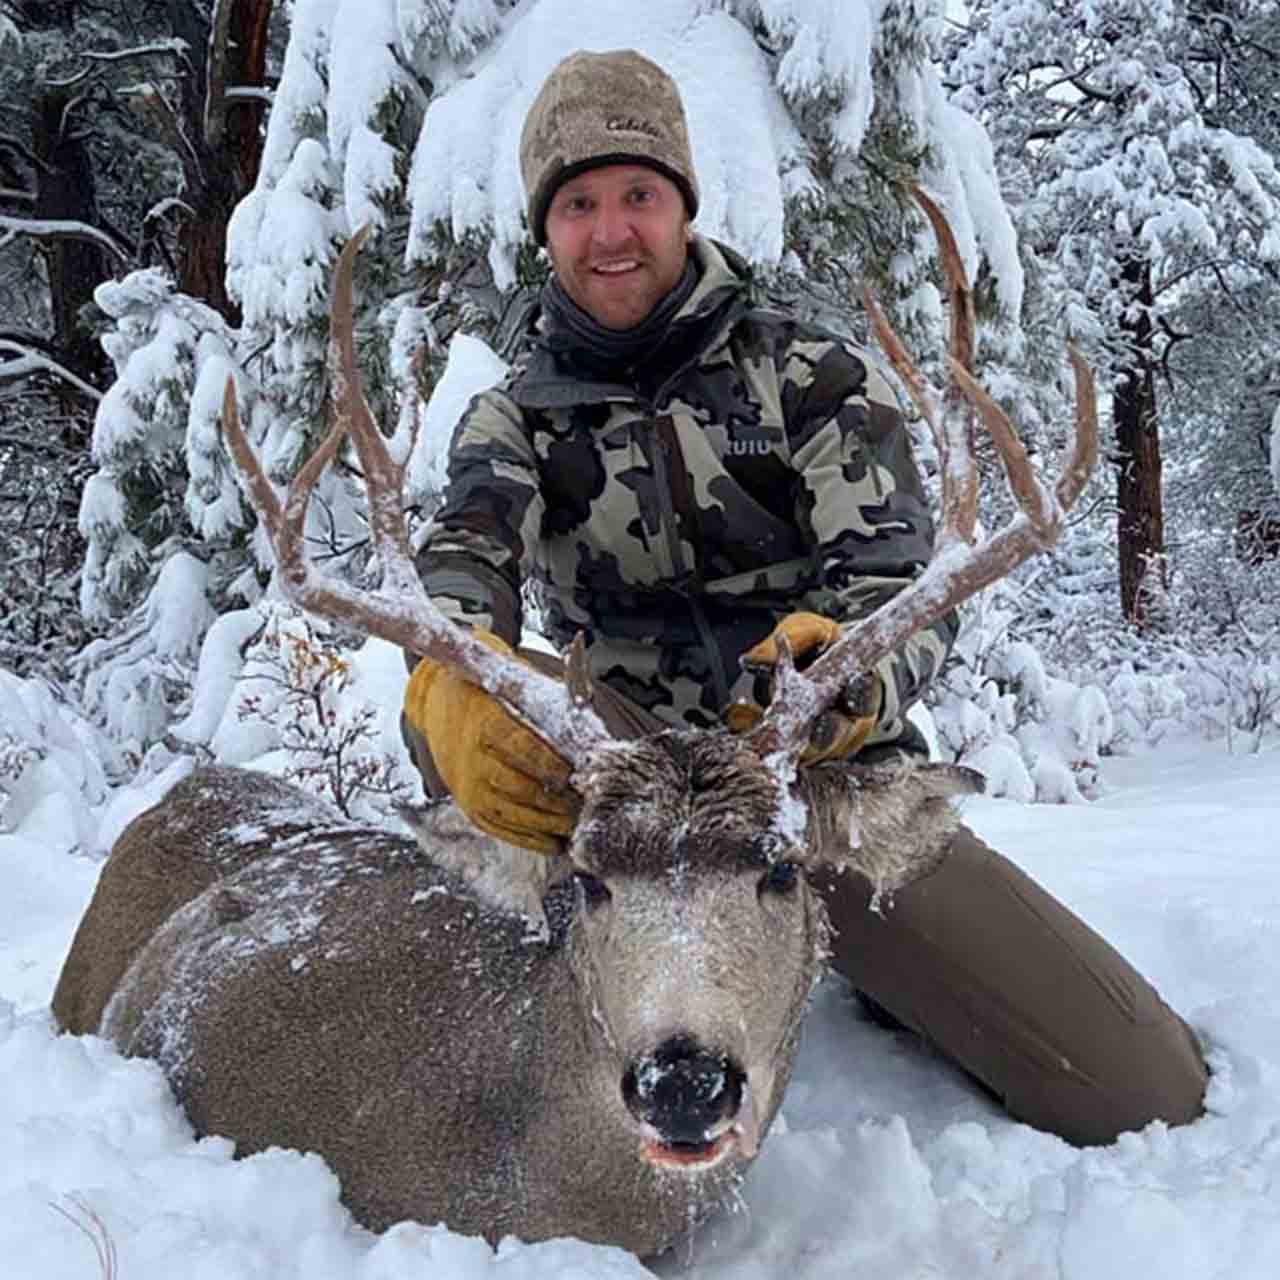 Mule deer hunt in New Mexico